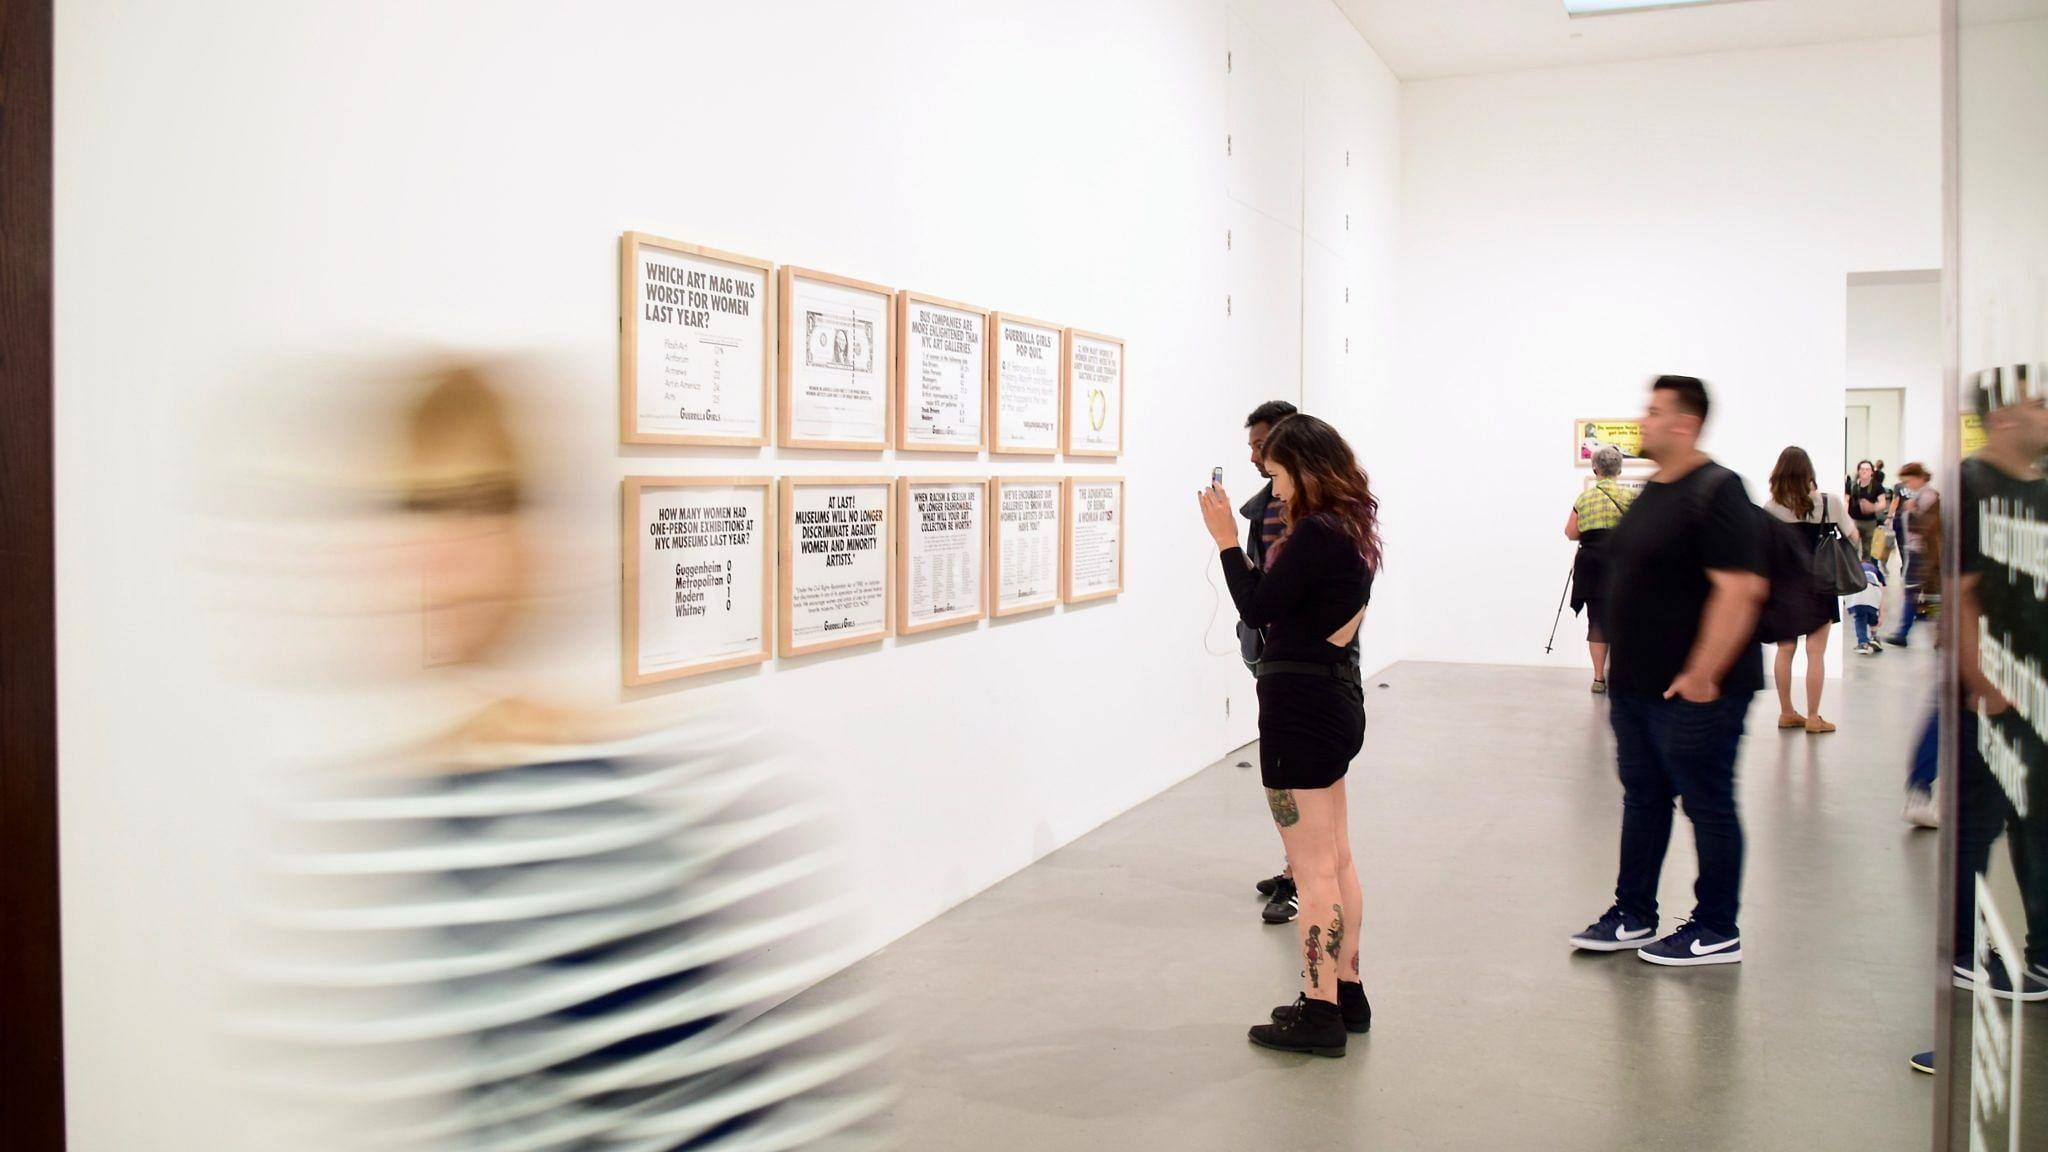 Mit dem Studentenausweis günstiger ins Museum als Student in Bochum